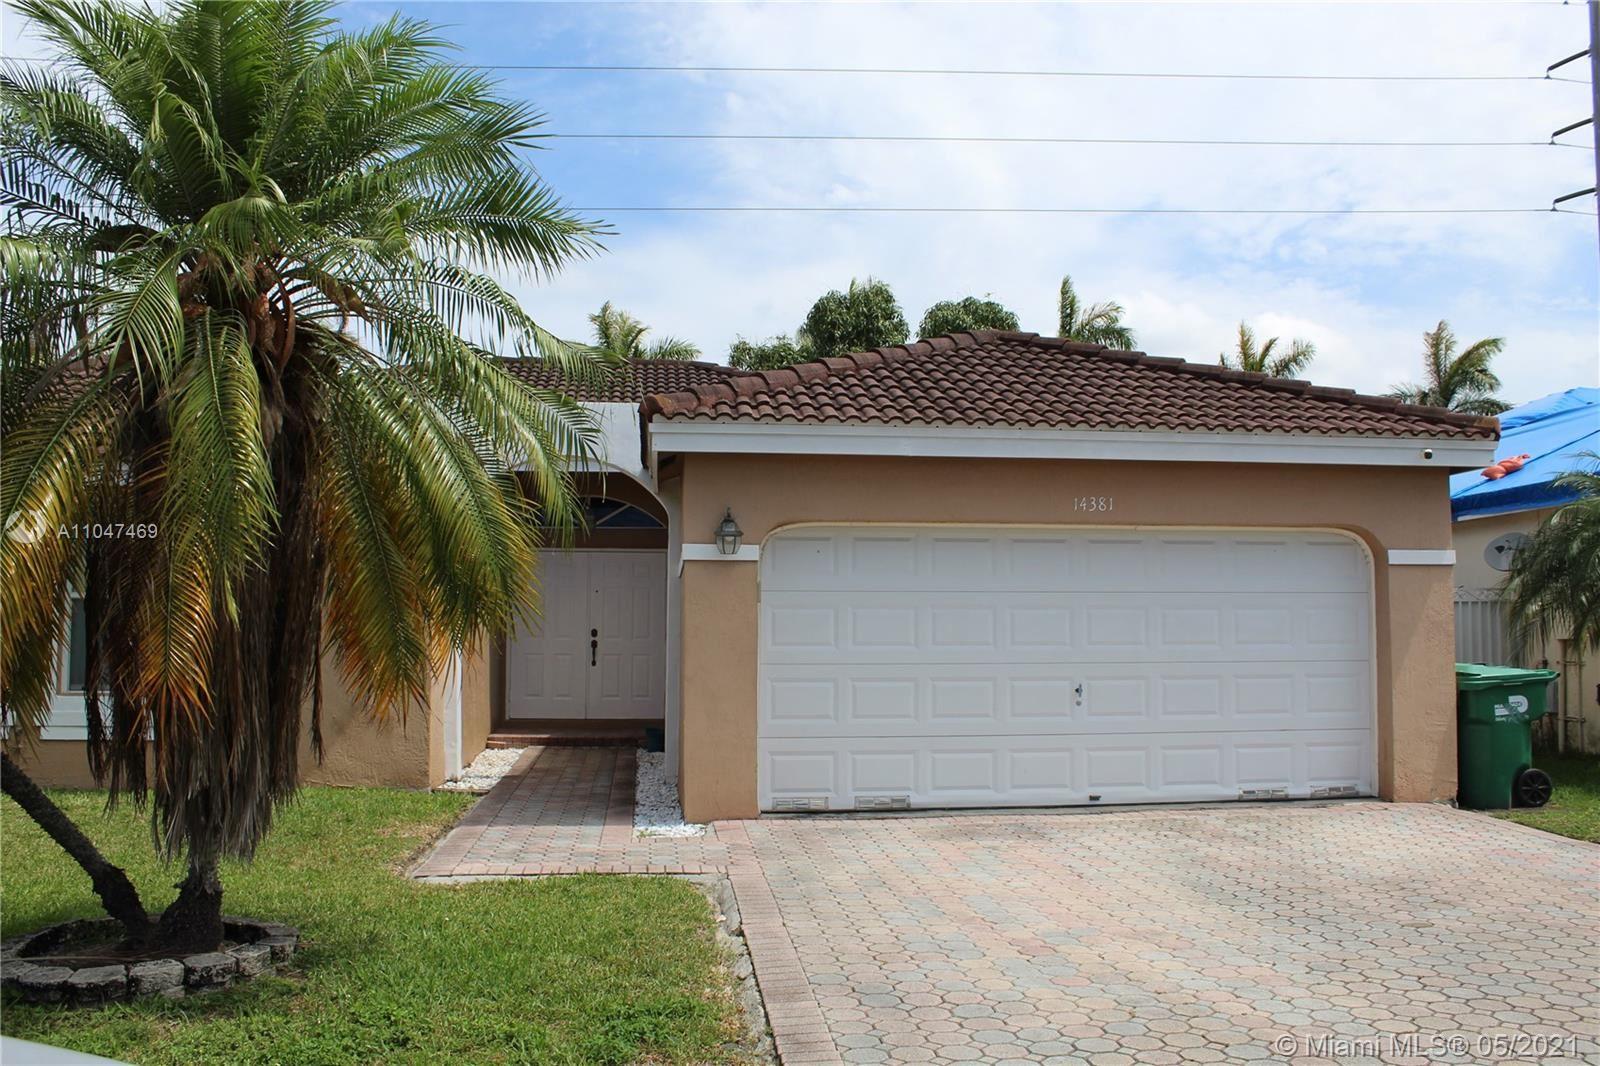 14381 SW 160th Ter, Miami, FL 33177 - #: A11047469